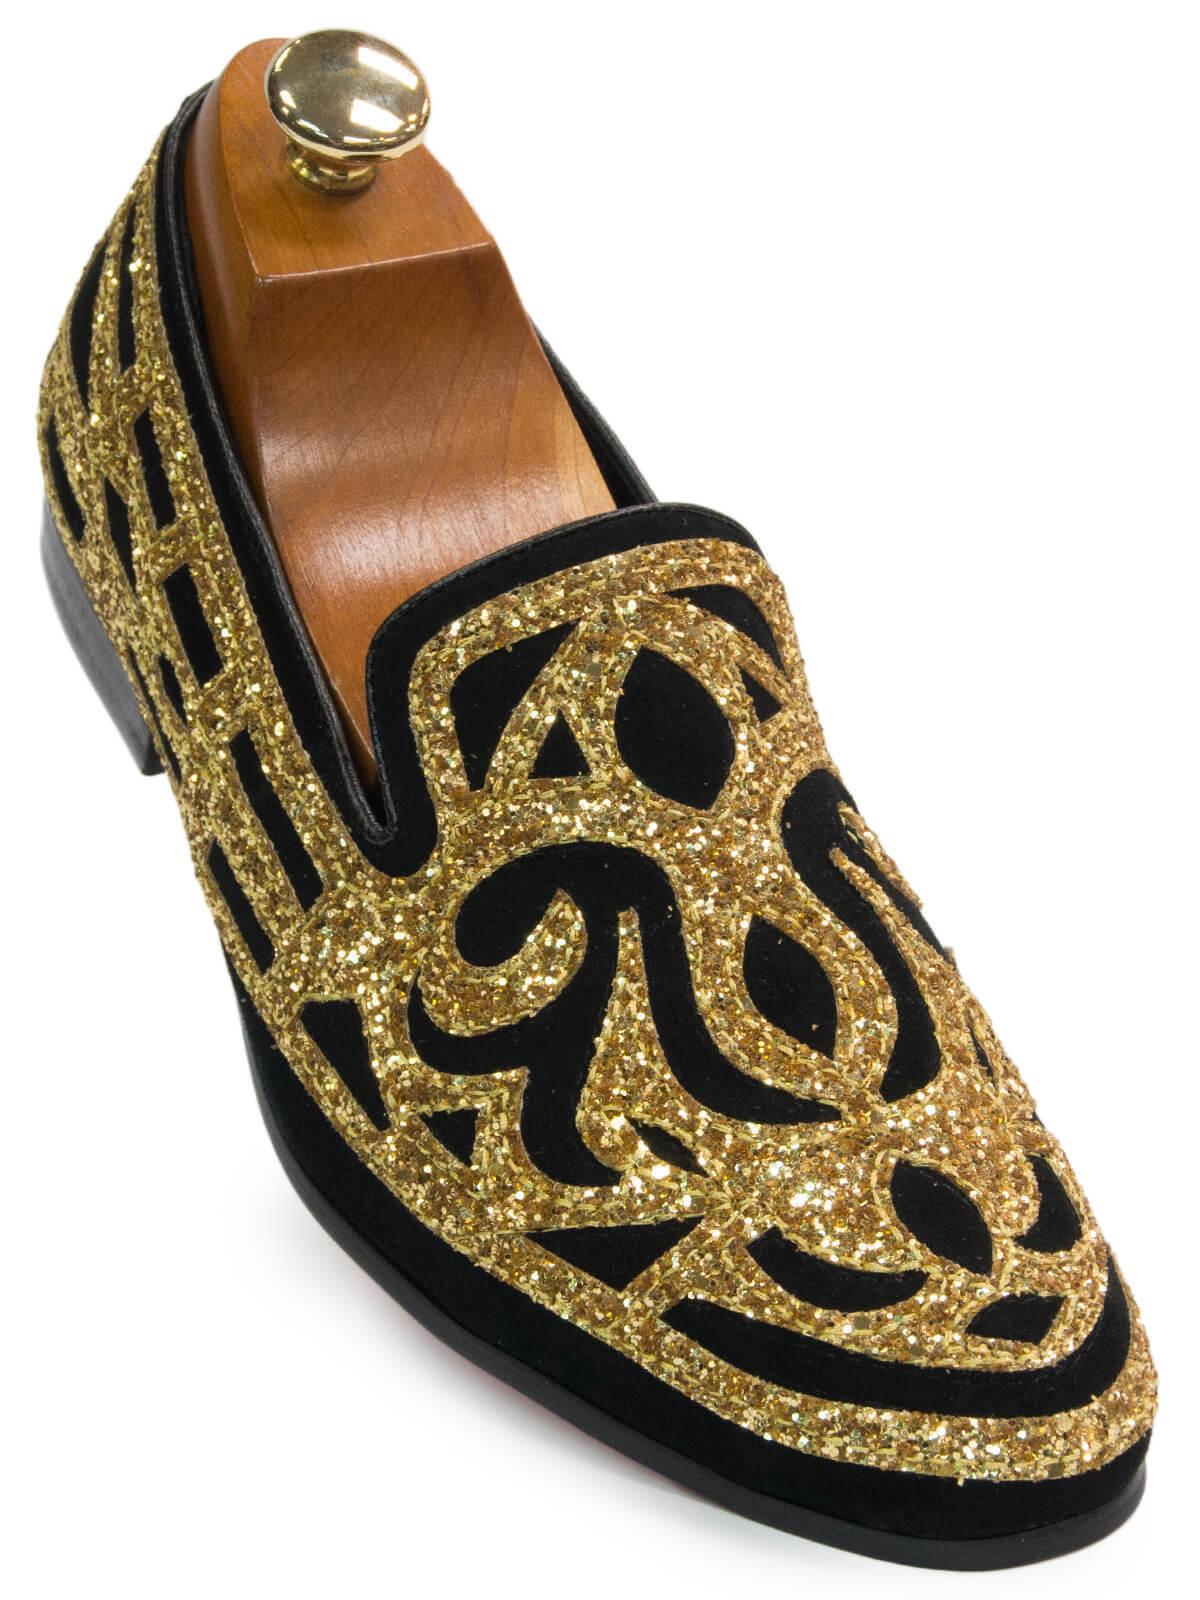 prezzo basso Fiesso Uomo oro nero Ornate Ornate Ornate Glitter Pattern Dress Party Trendy Loafer Shoe  risparmia fino al 70%